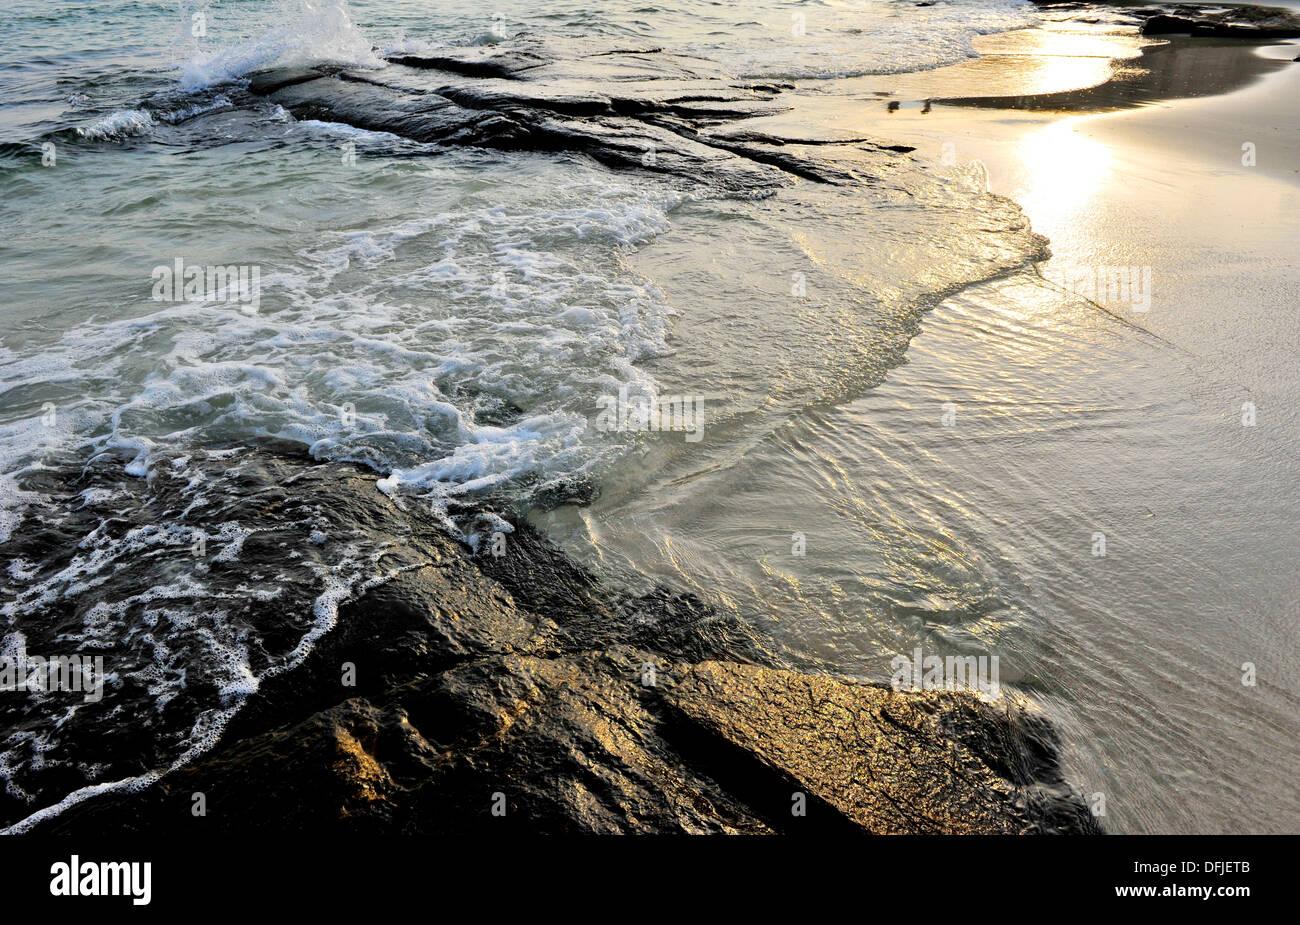 Las islas y playas de Tailandia - Las olas en la playa (playa de Koh Samet,Tailandia) Imagen De Stock